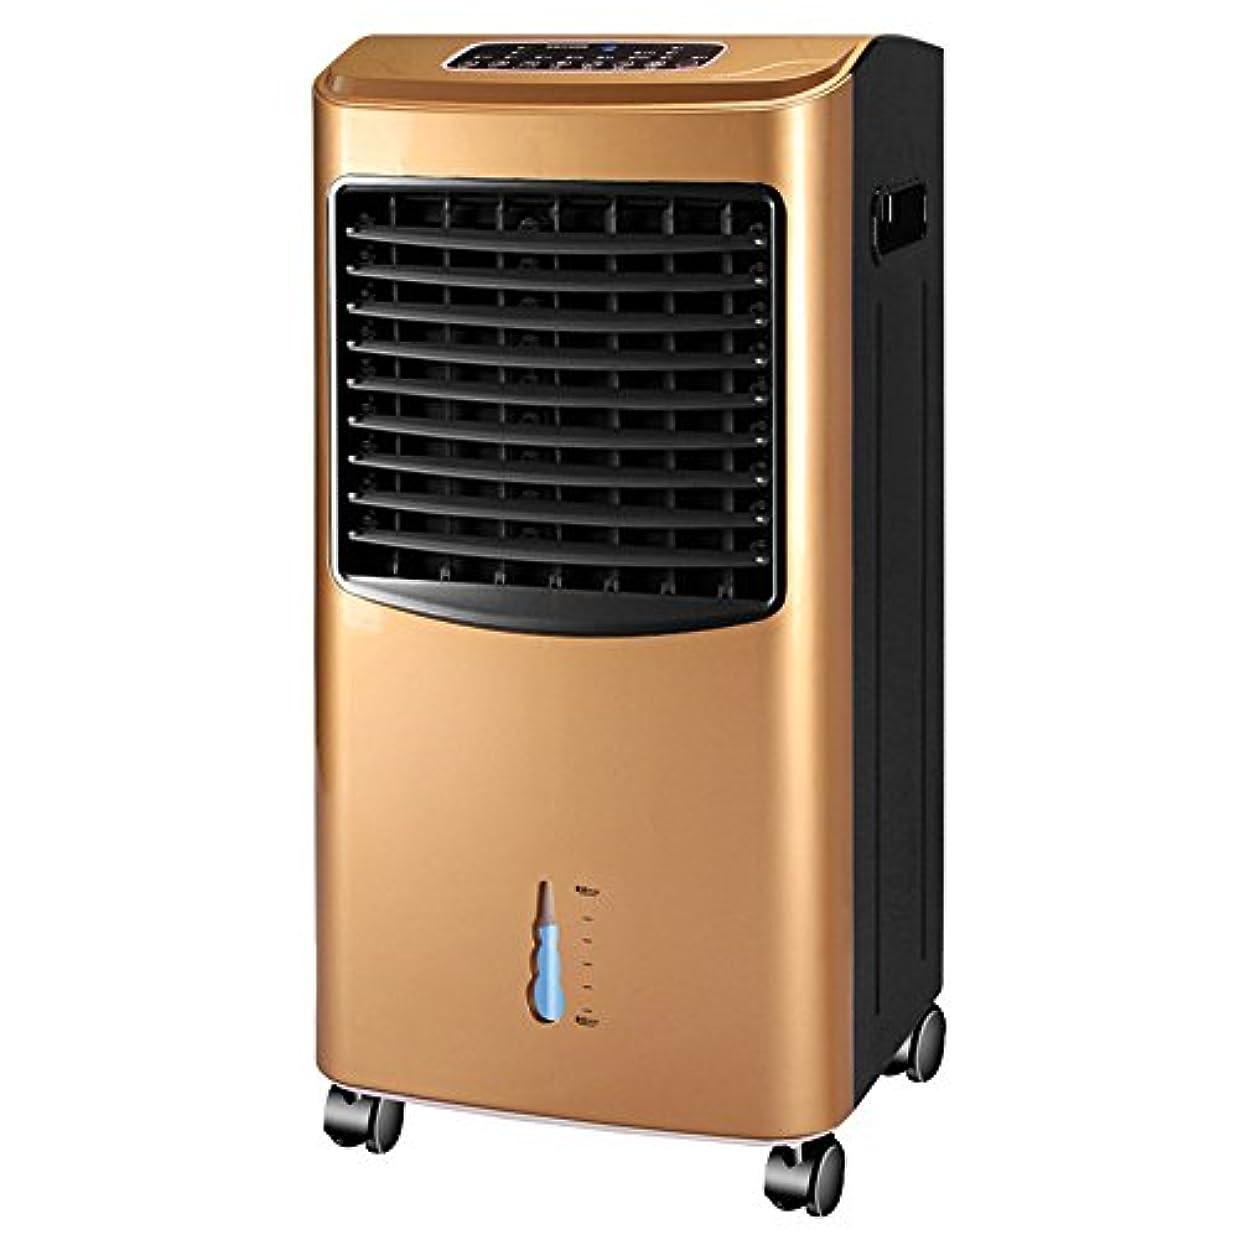 記憶に残る対オアシス小型ポータブルエアコンファン、モバイルエアコンファン、水冷エアコン、蒸発空気クーラー、家族寮